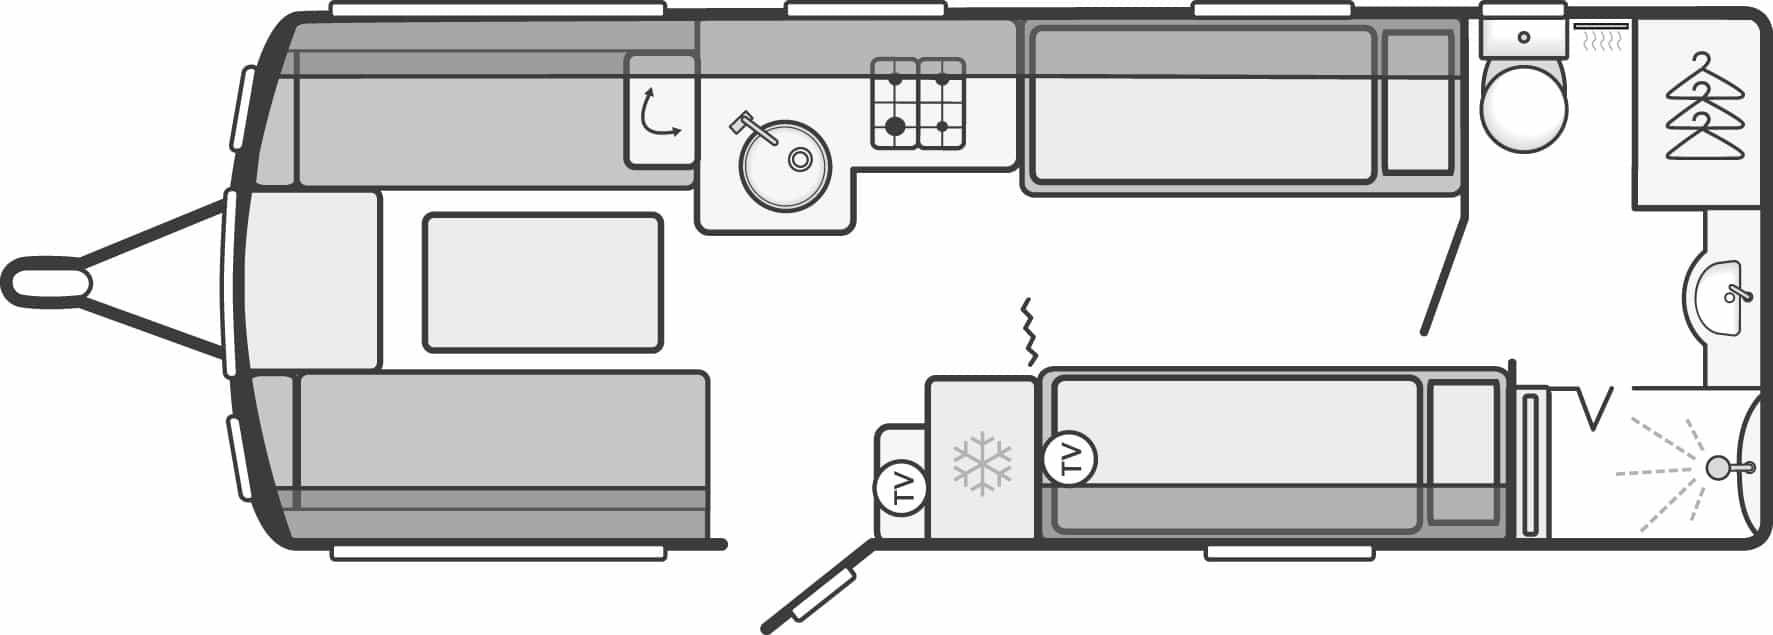 Sterling Elite 565 - 4 Berth, Two Single Beds, End Washroom